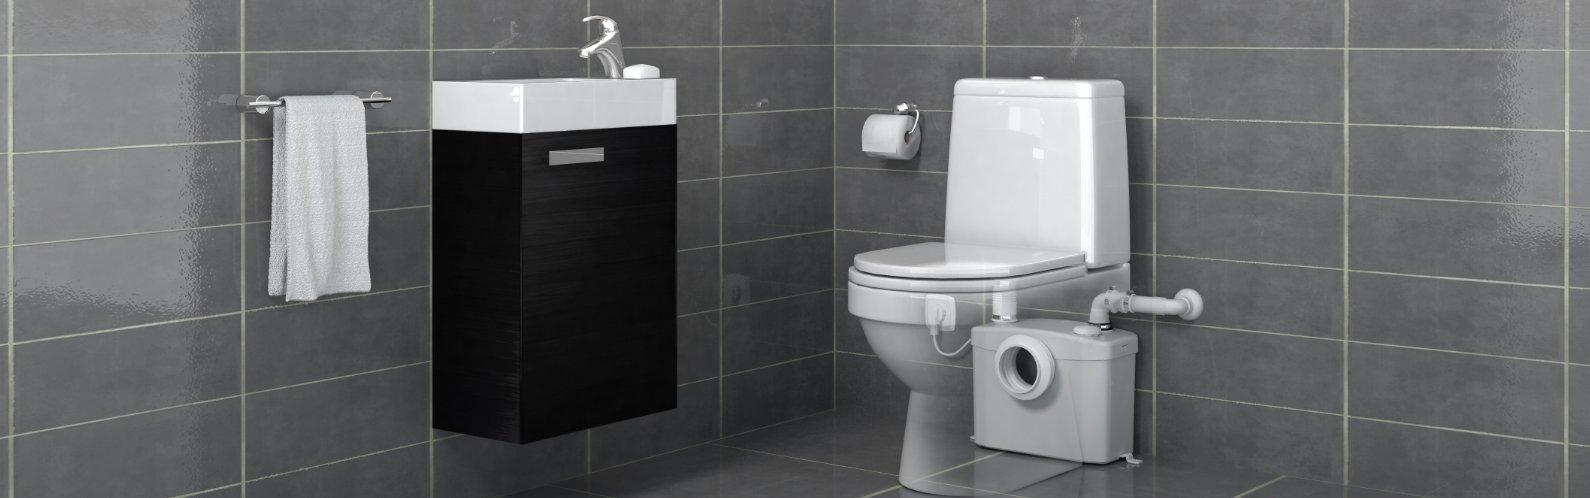 kleinhebeanlagen f r schwierige lagensfa sanibroy karl ganzhorn ohg. Black Bedroom Furniture Sets. Home Design Ideas